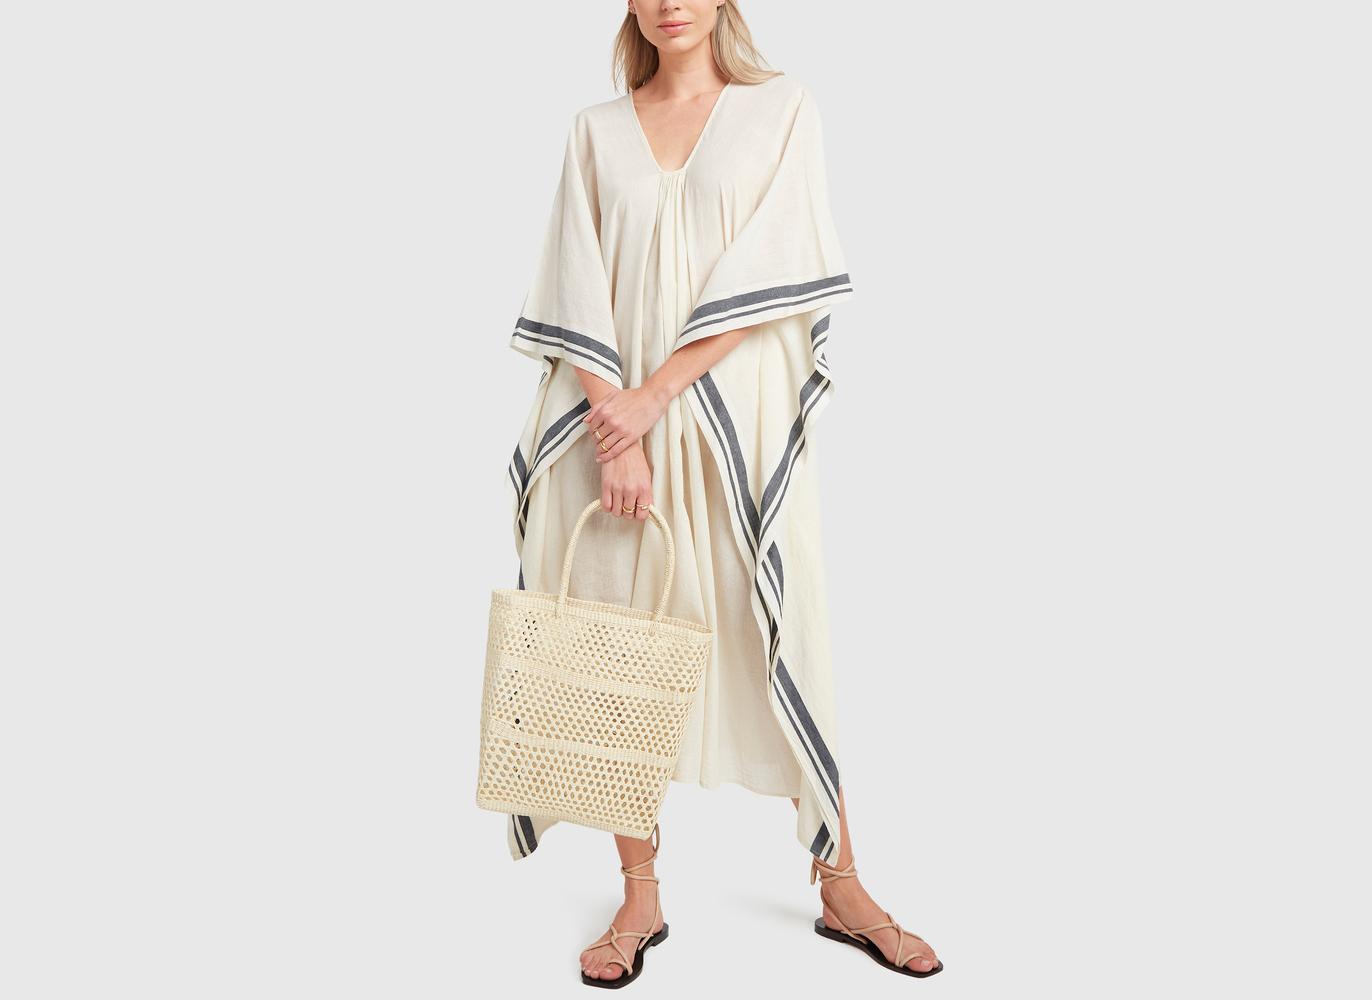 Aish Piku Dress Cover-Up